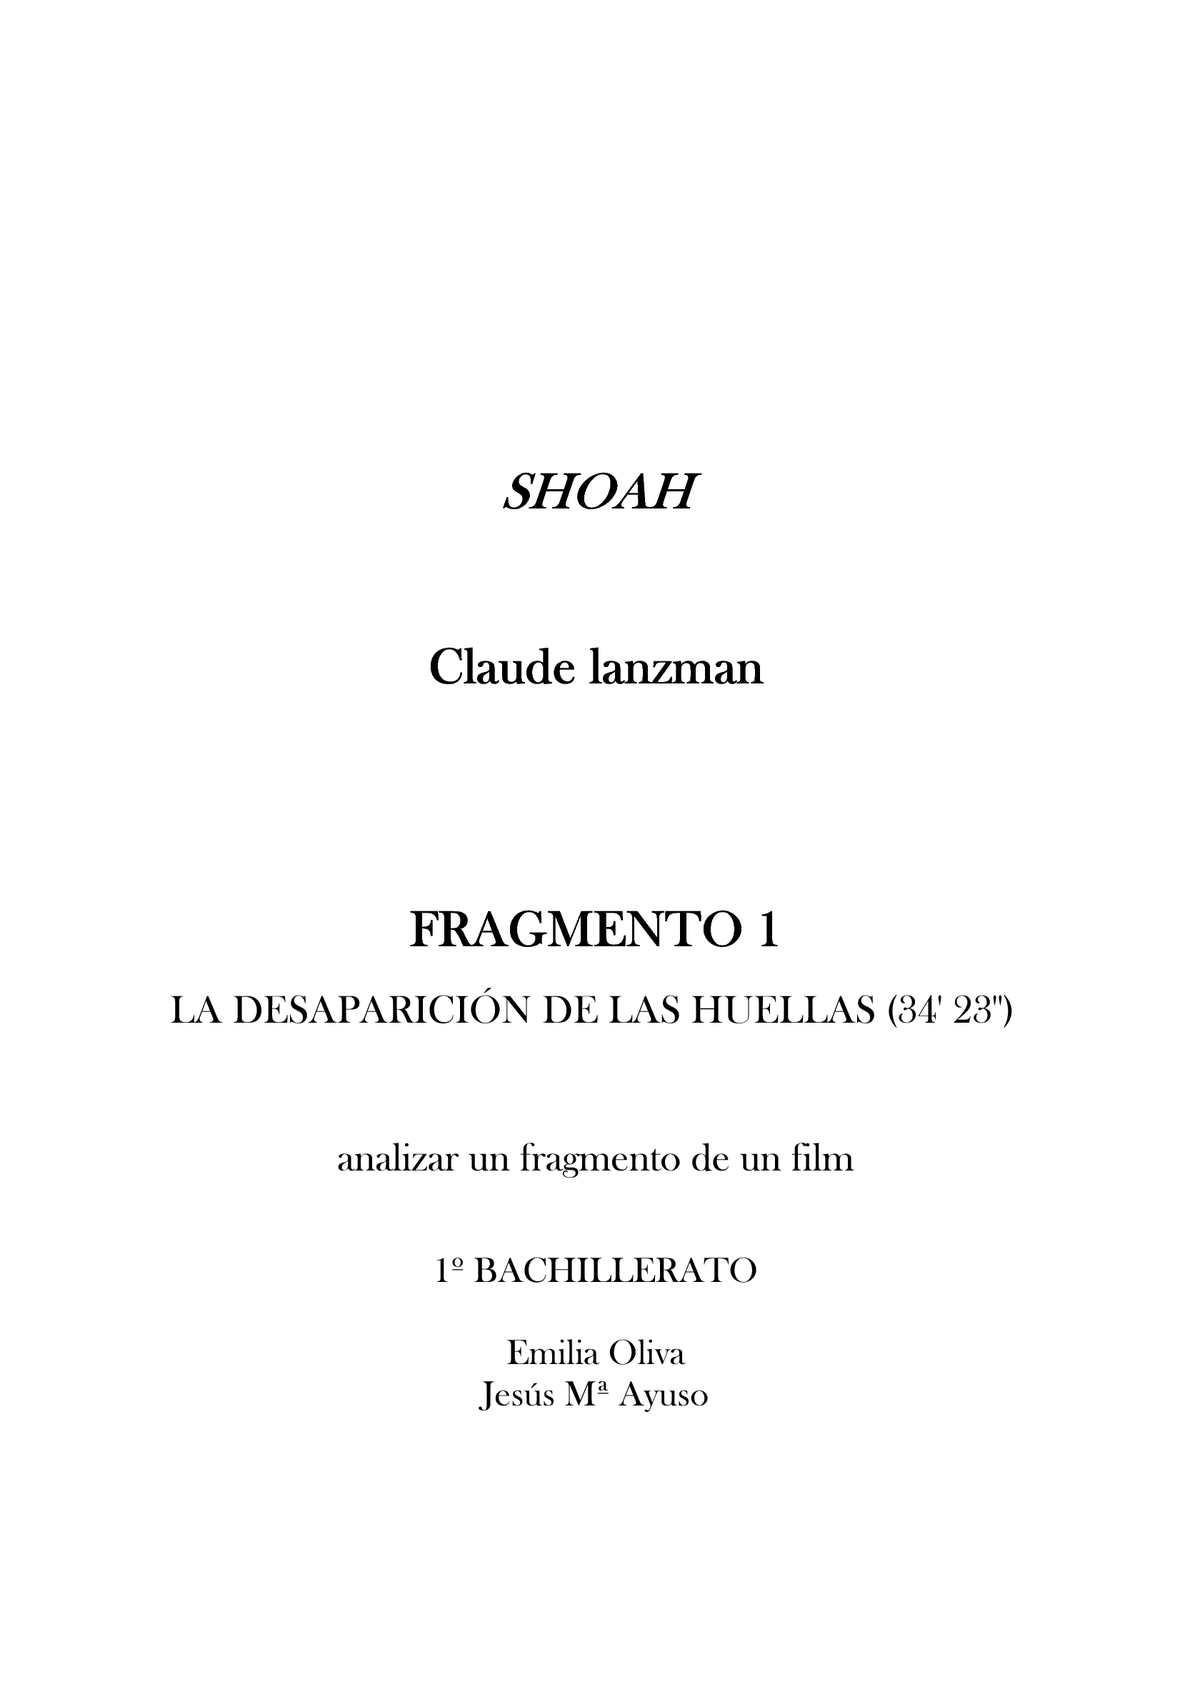 Analizar un fragmento de Shoah de Claude Lanzman - Ficha